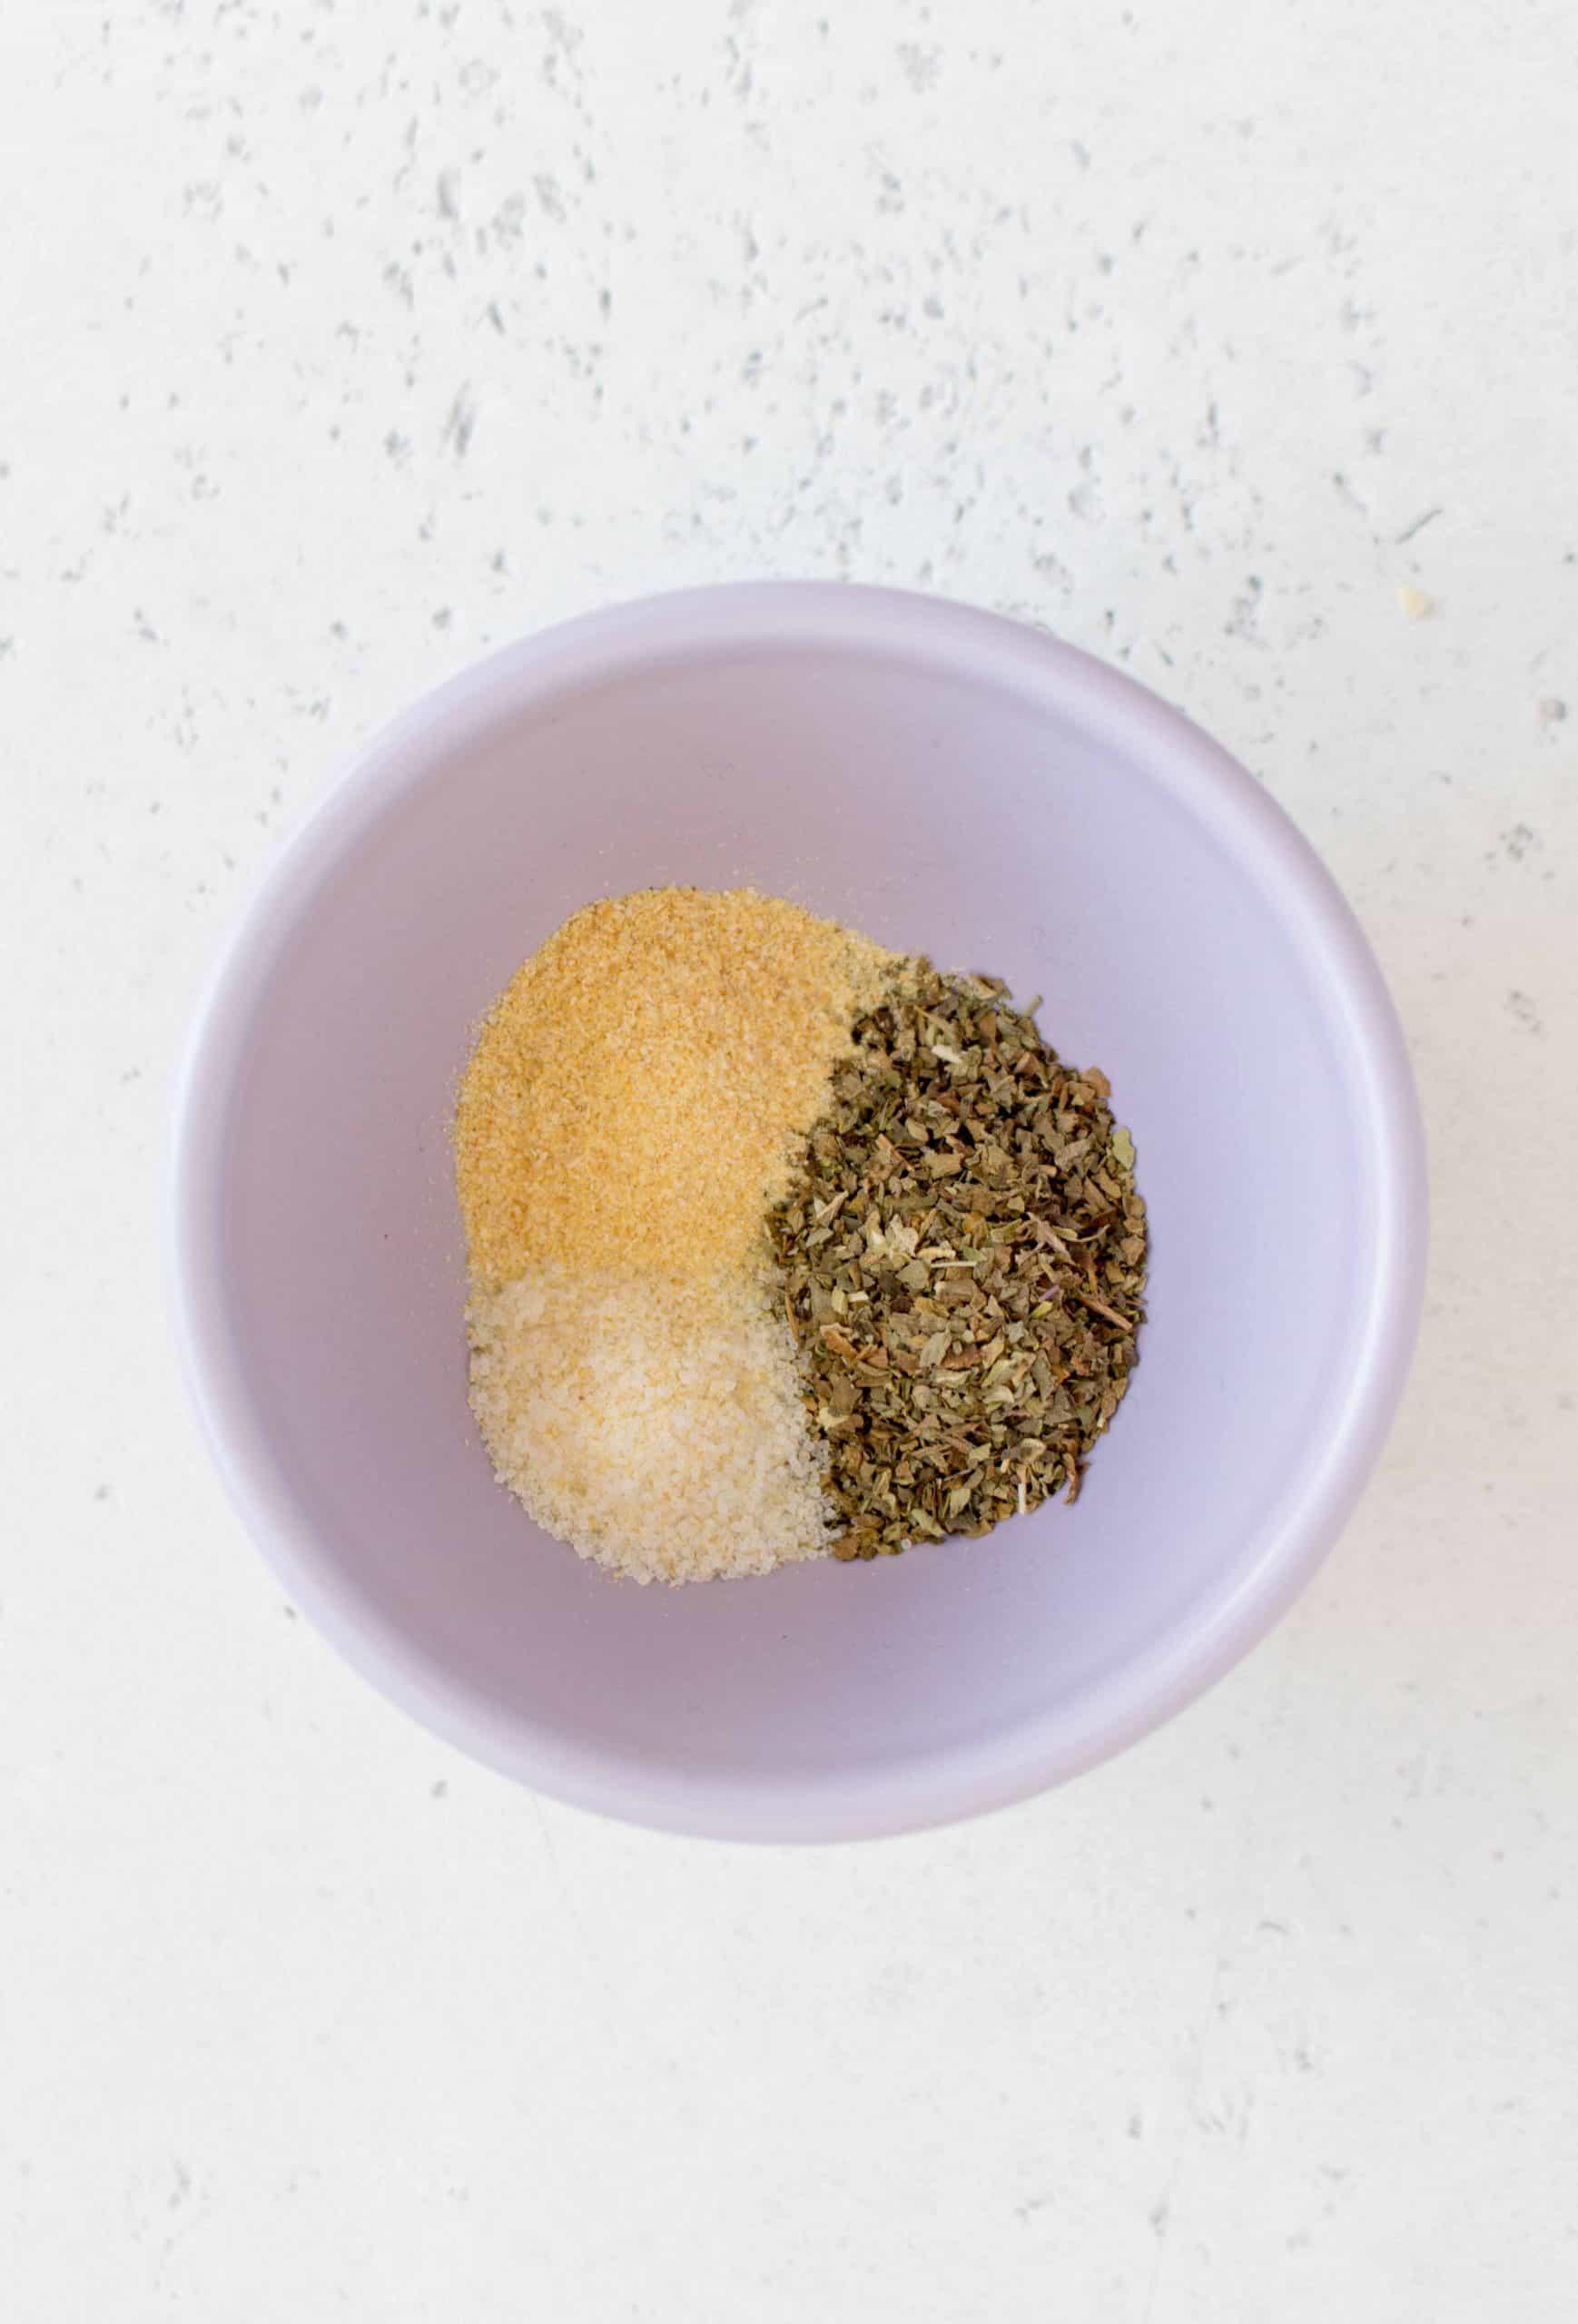 dried basil, garlic powder, and onion salt